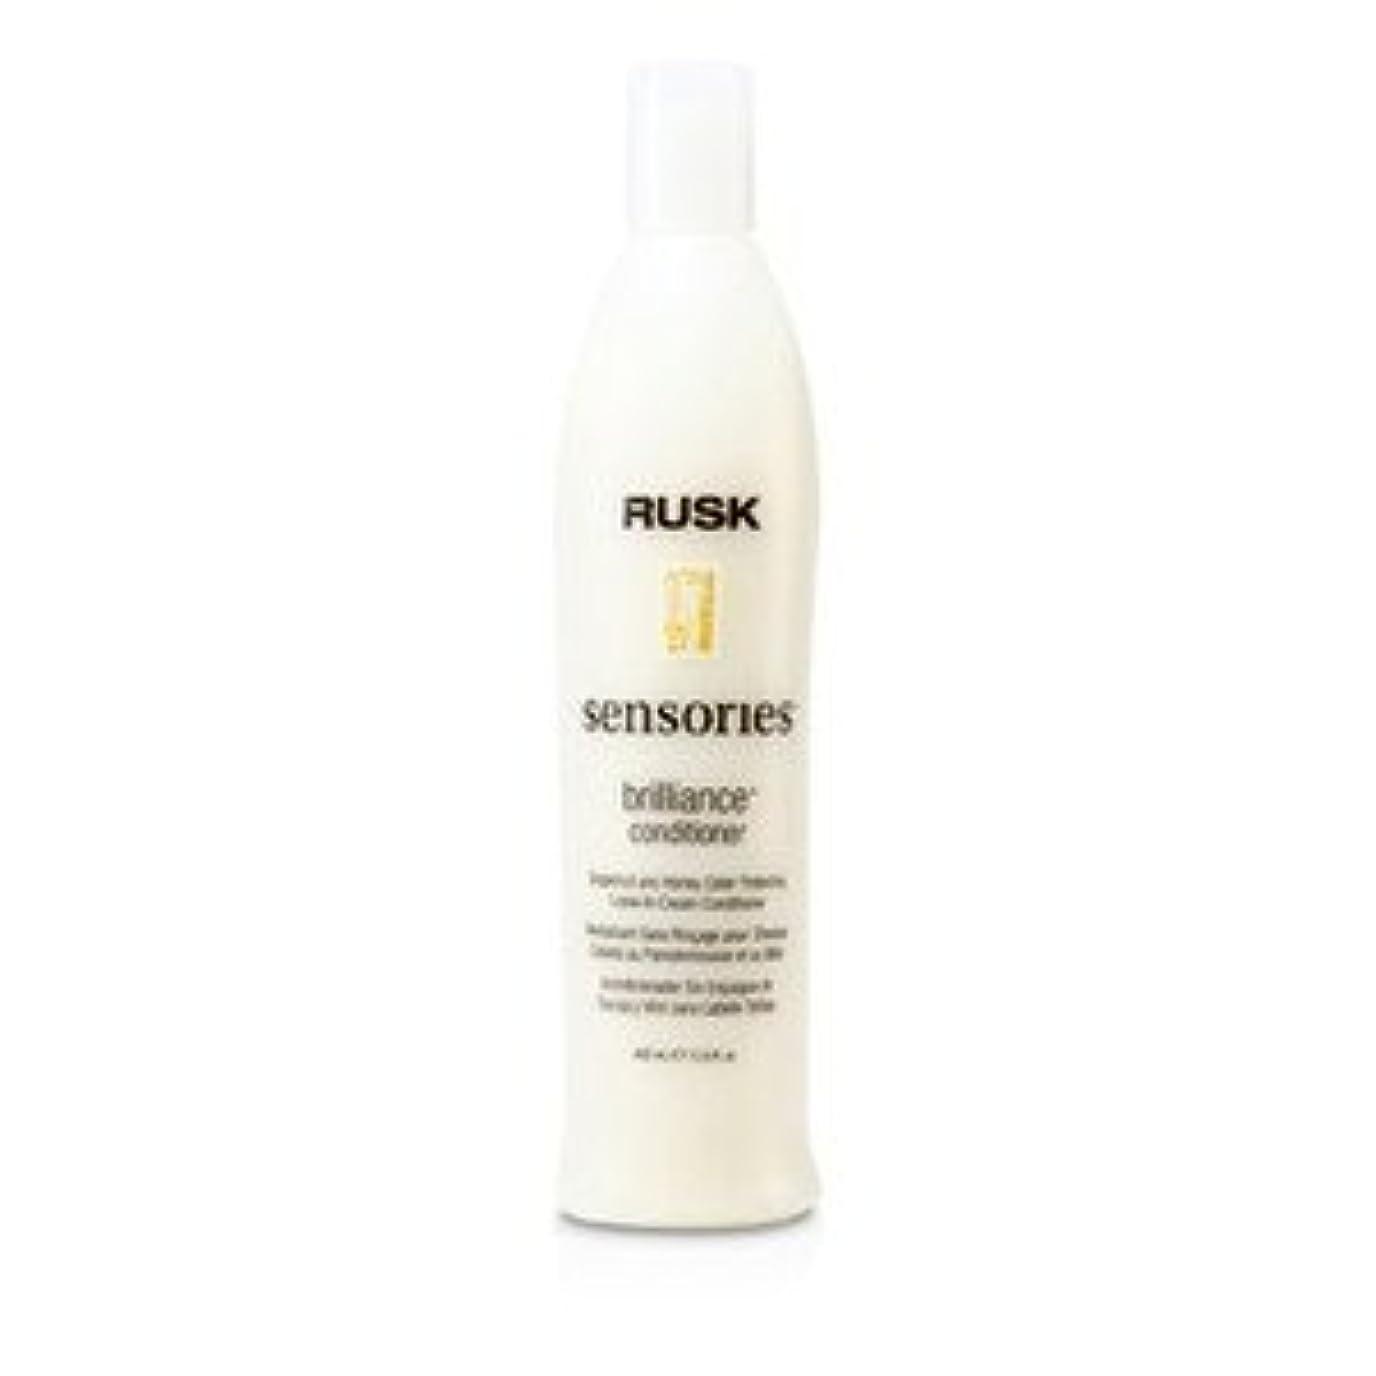 要件番目一緒RUSK(ラスク) センソリーズ ブリリアンス グレープフルーツ&ハニー カラー プロテクト 洗い流さないコンディショナー 400ml/13.5oz [並行輸入品]